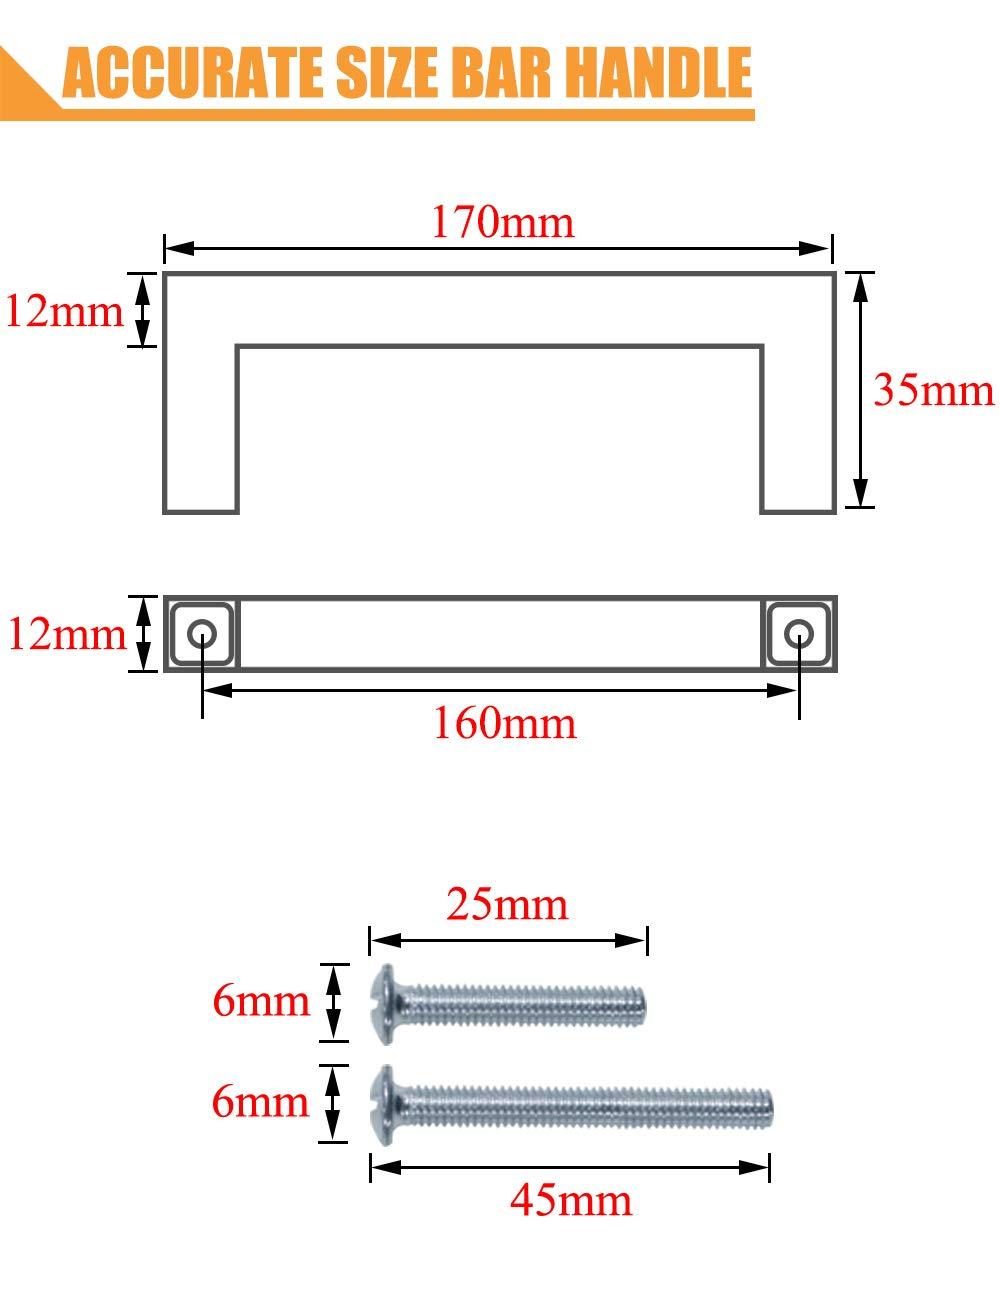 per camera da letto larghezza 12 mm PinLin maniglie per ante di armadietti da cucina cassetti credenze argento foro centrale in acciaio inox in acciaio spazzolato